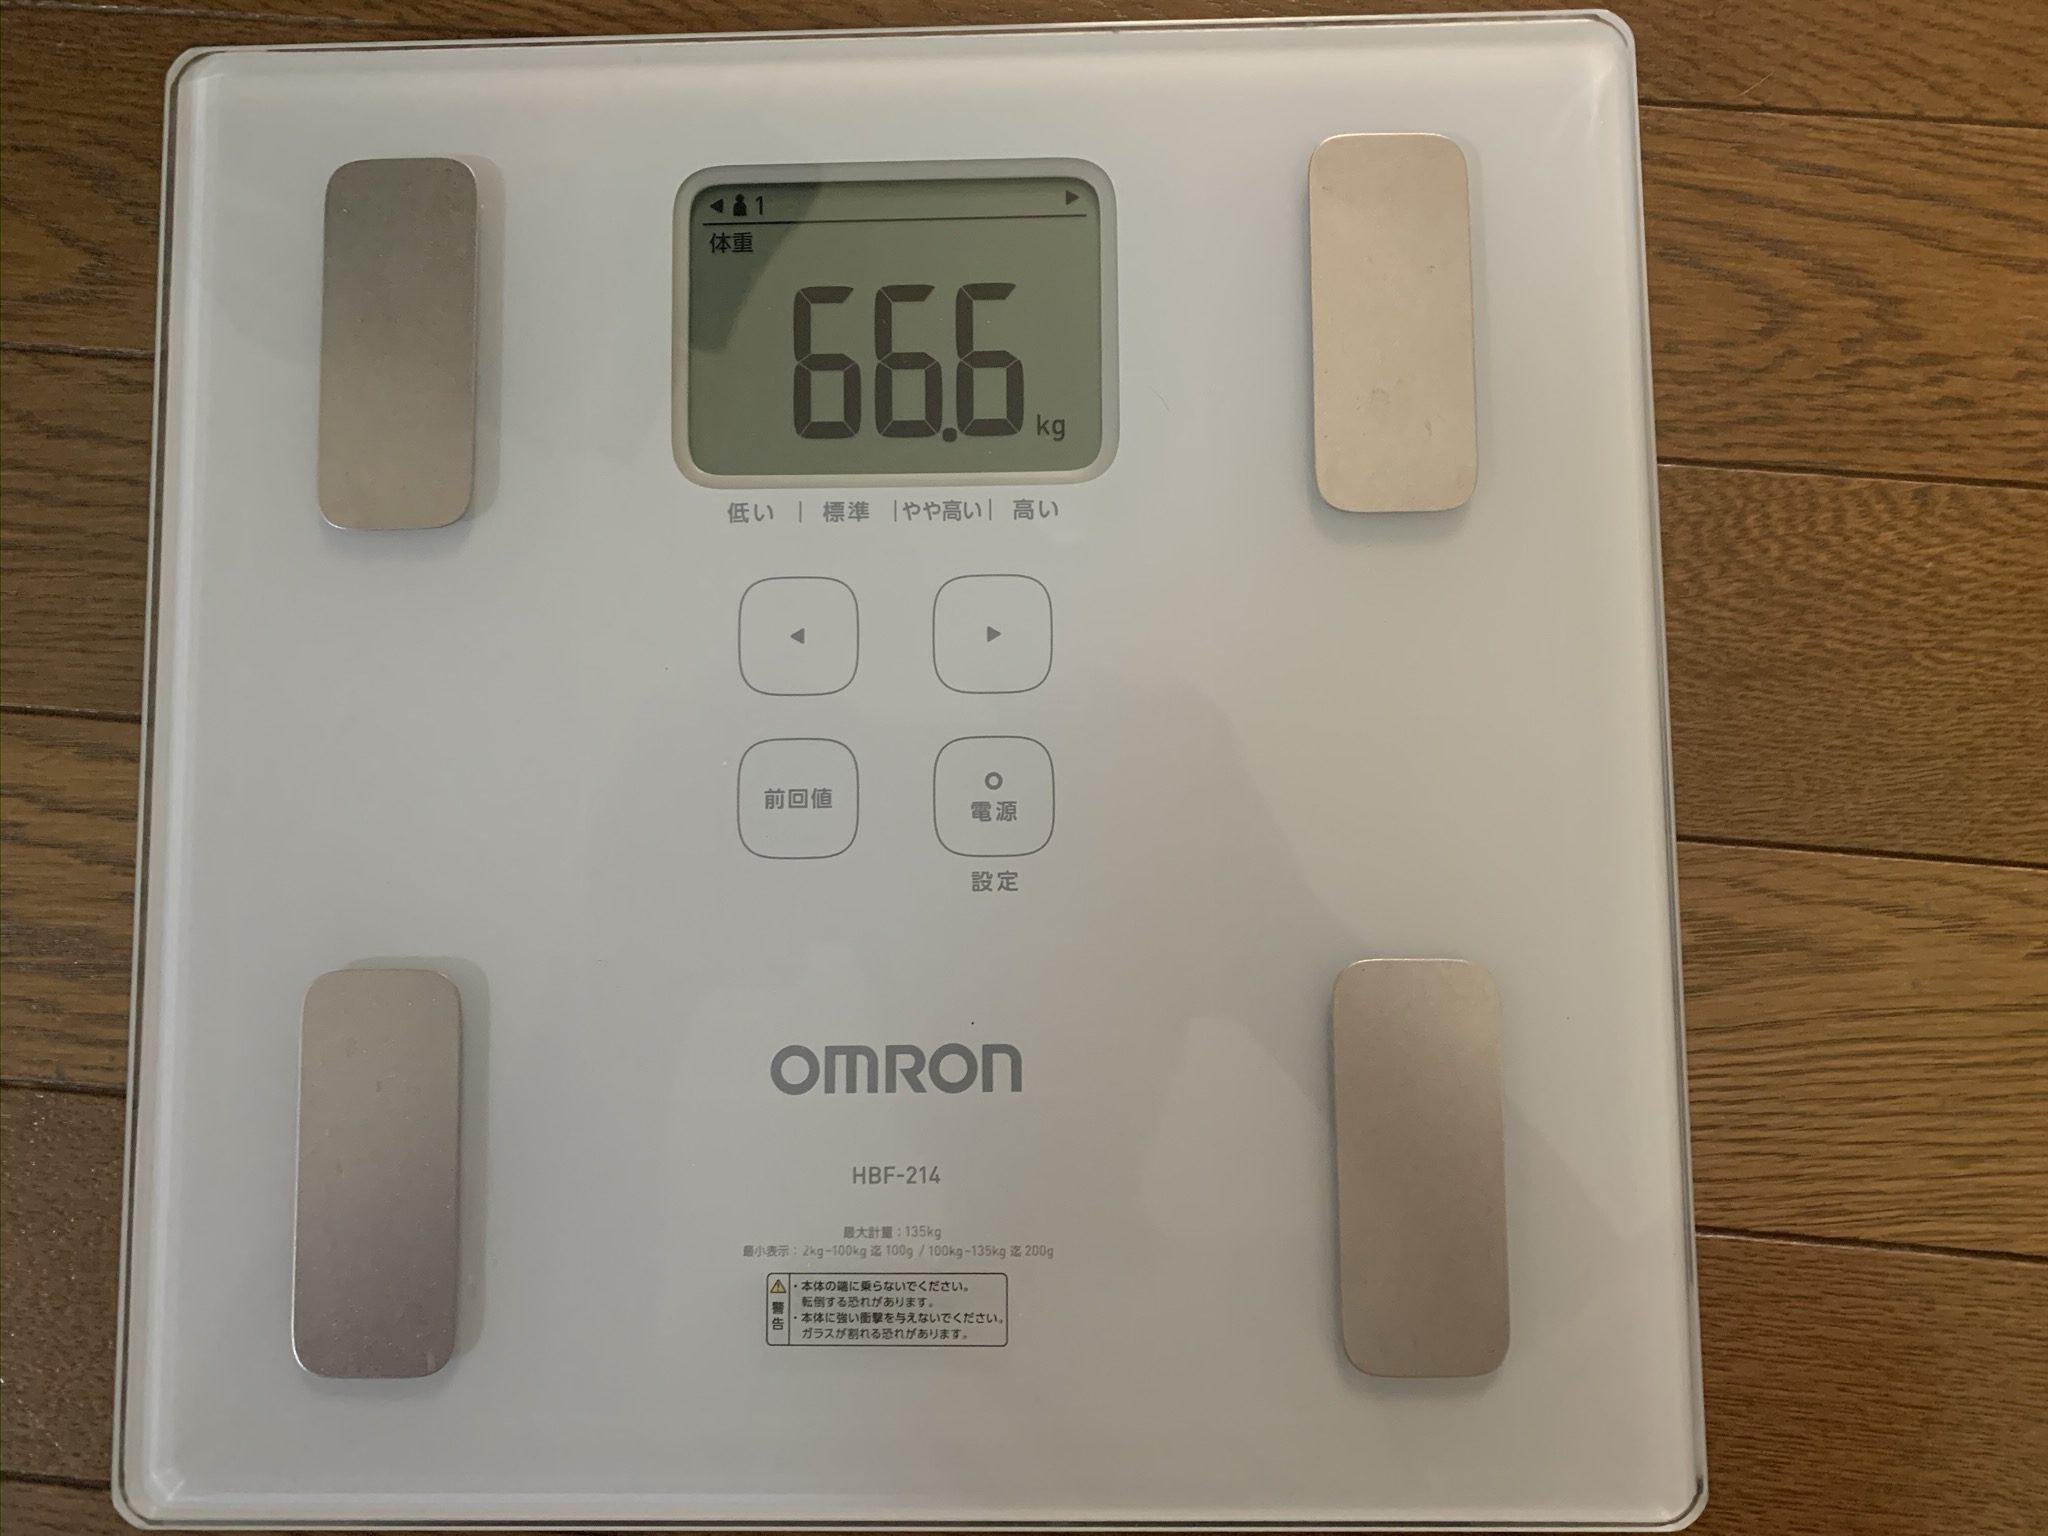 【ダイエット】ある日の体重変化。17kmくらい走ったら、どのくらい体重が変わるか。